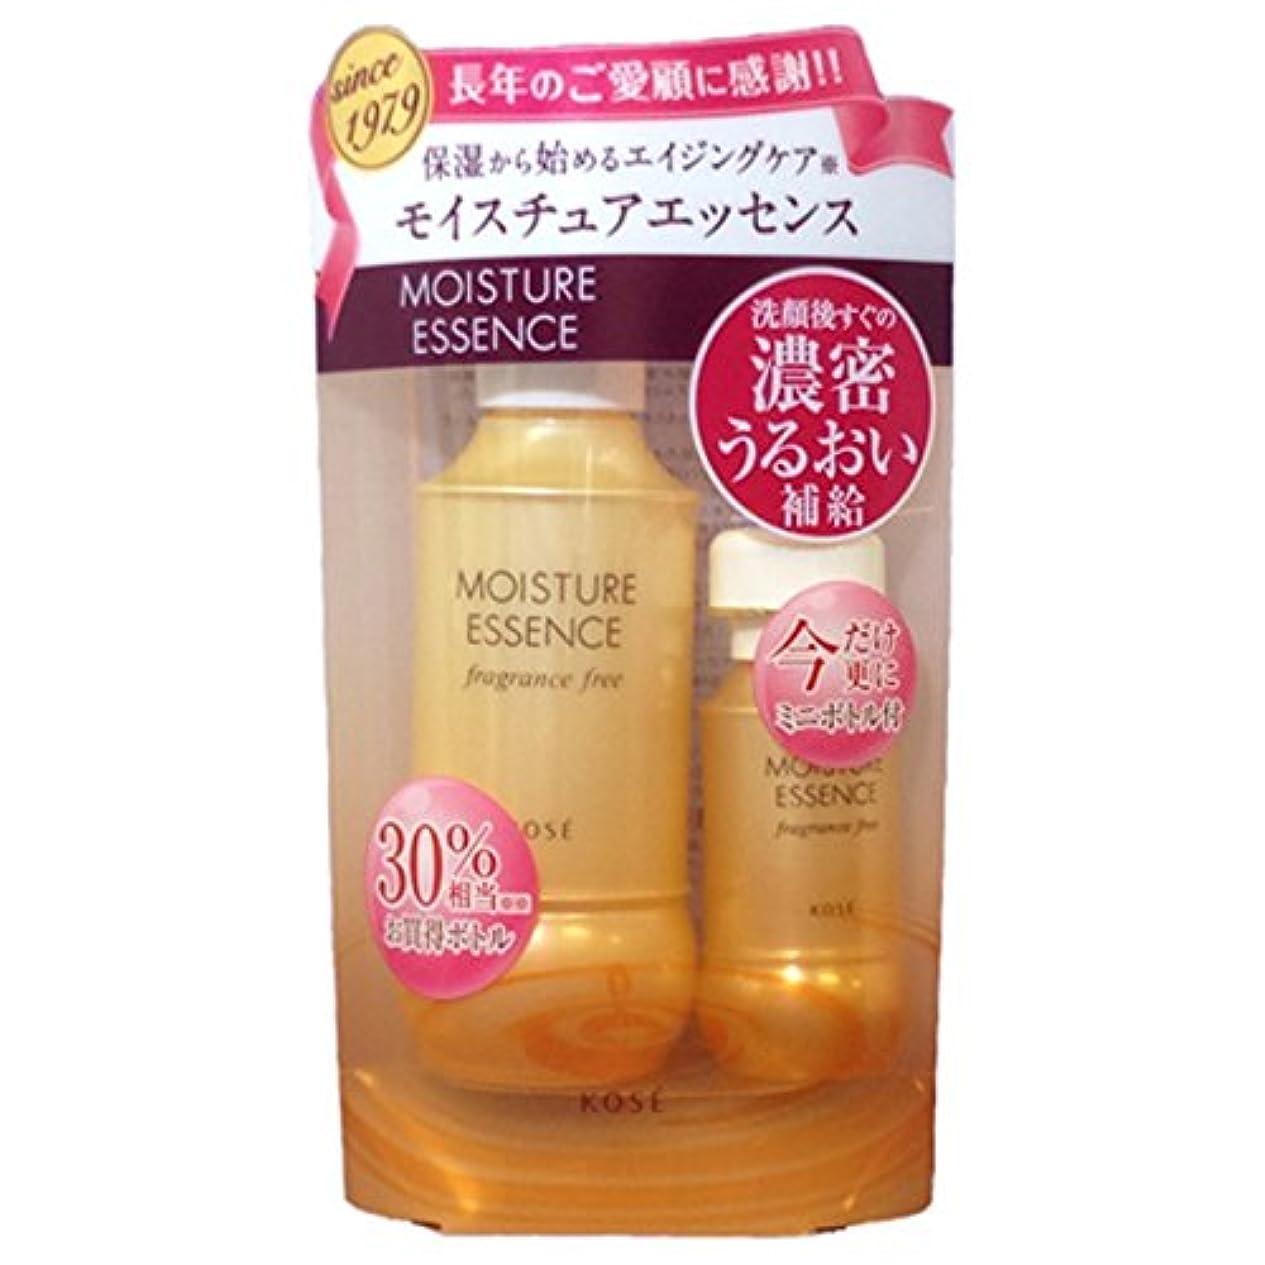 細胞汚染されたインストールコーセー モイスチュアエッセンス 無香料 130ml+30ml キャンペーンキット